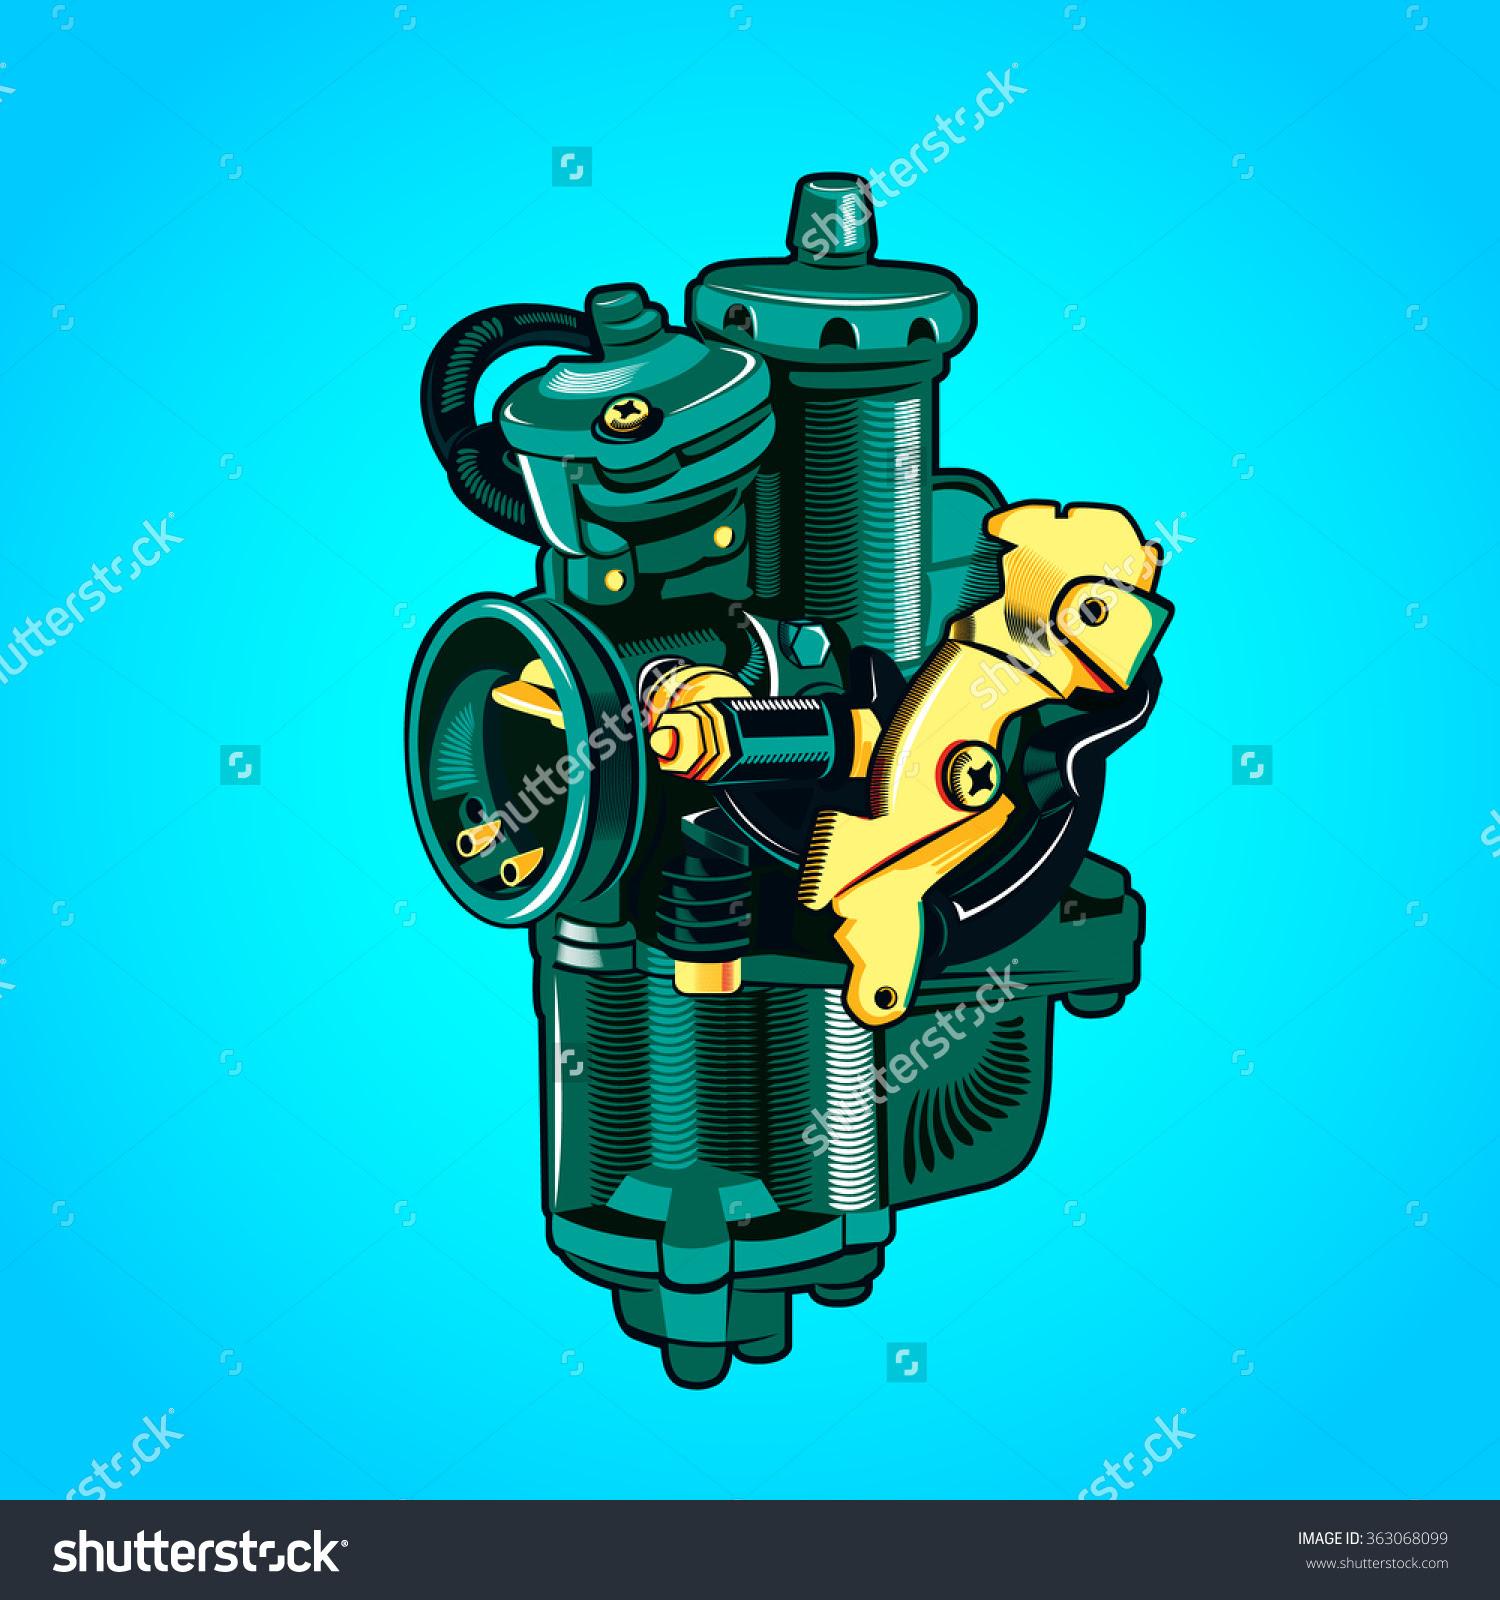 Unduh 47  Gambar Animasi Karburator Keren  Gratis